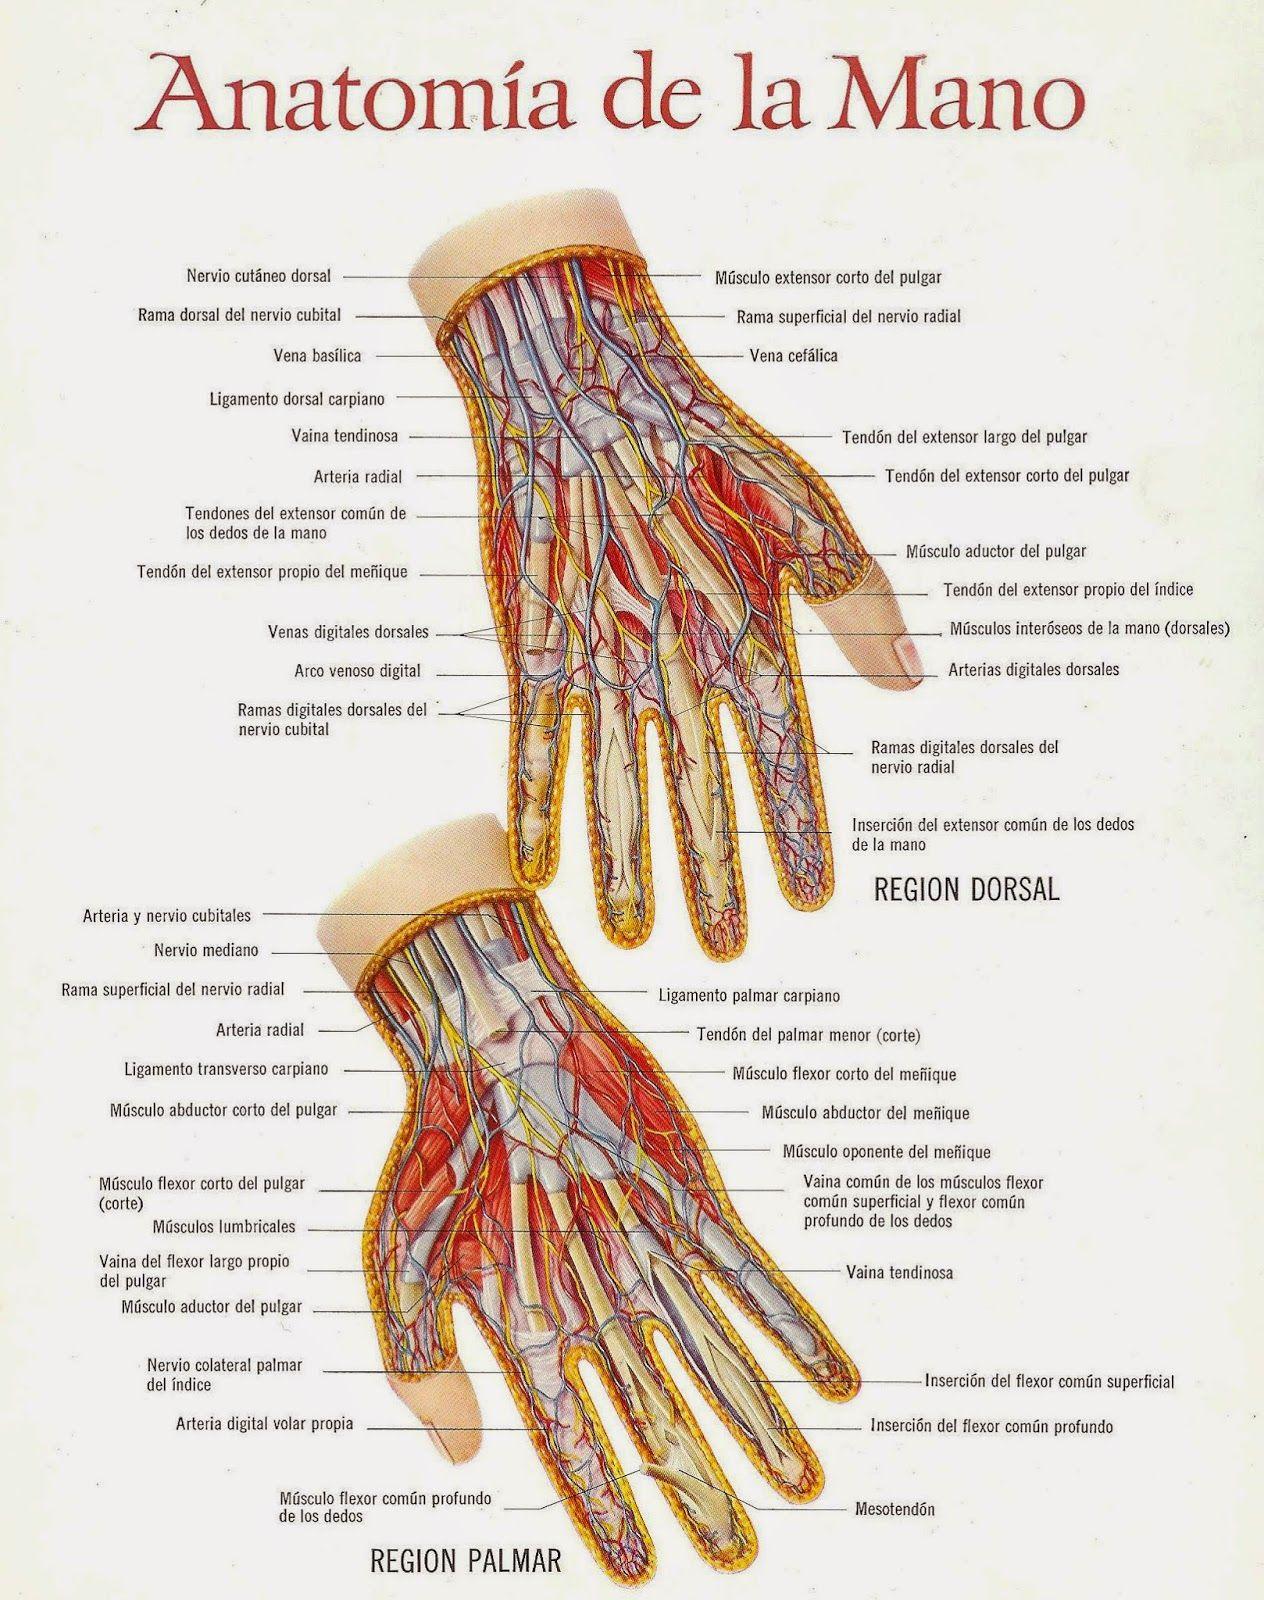 anatomia+de+la+mano+001.jpg | Anatomía miembro superior | Pinterest ...